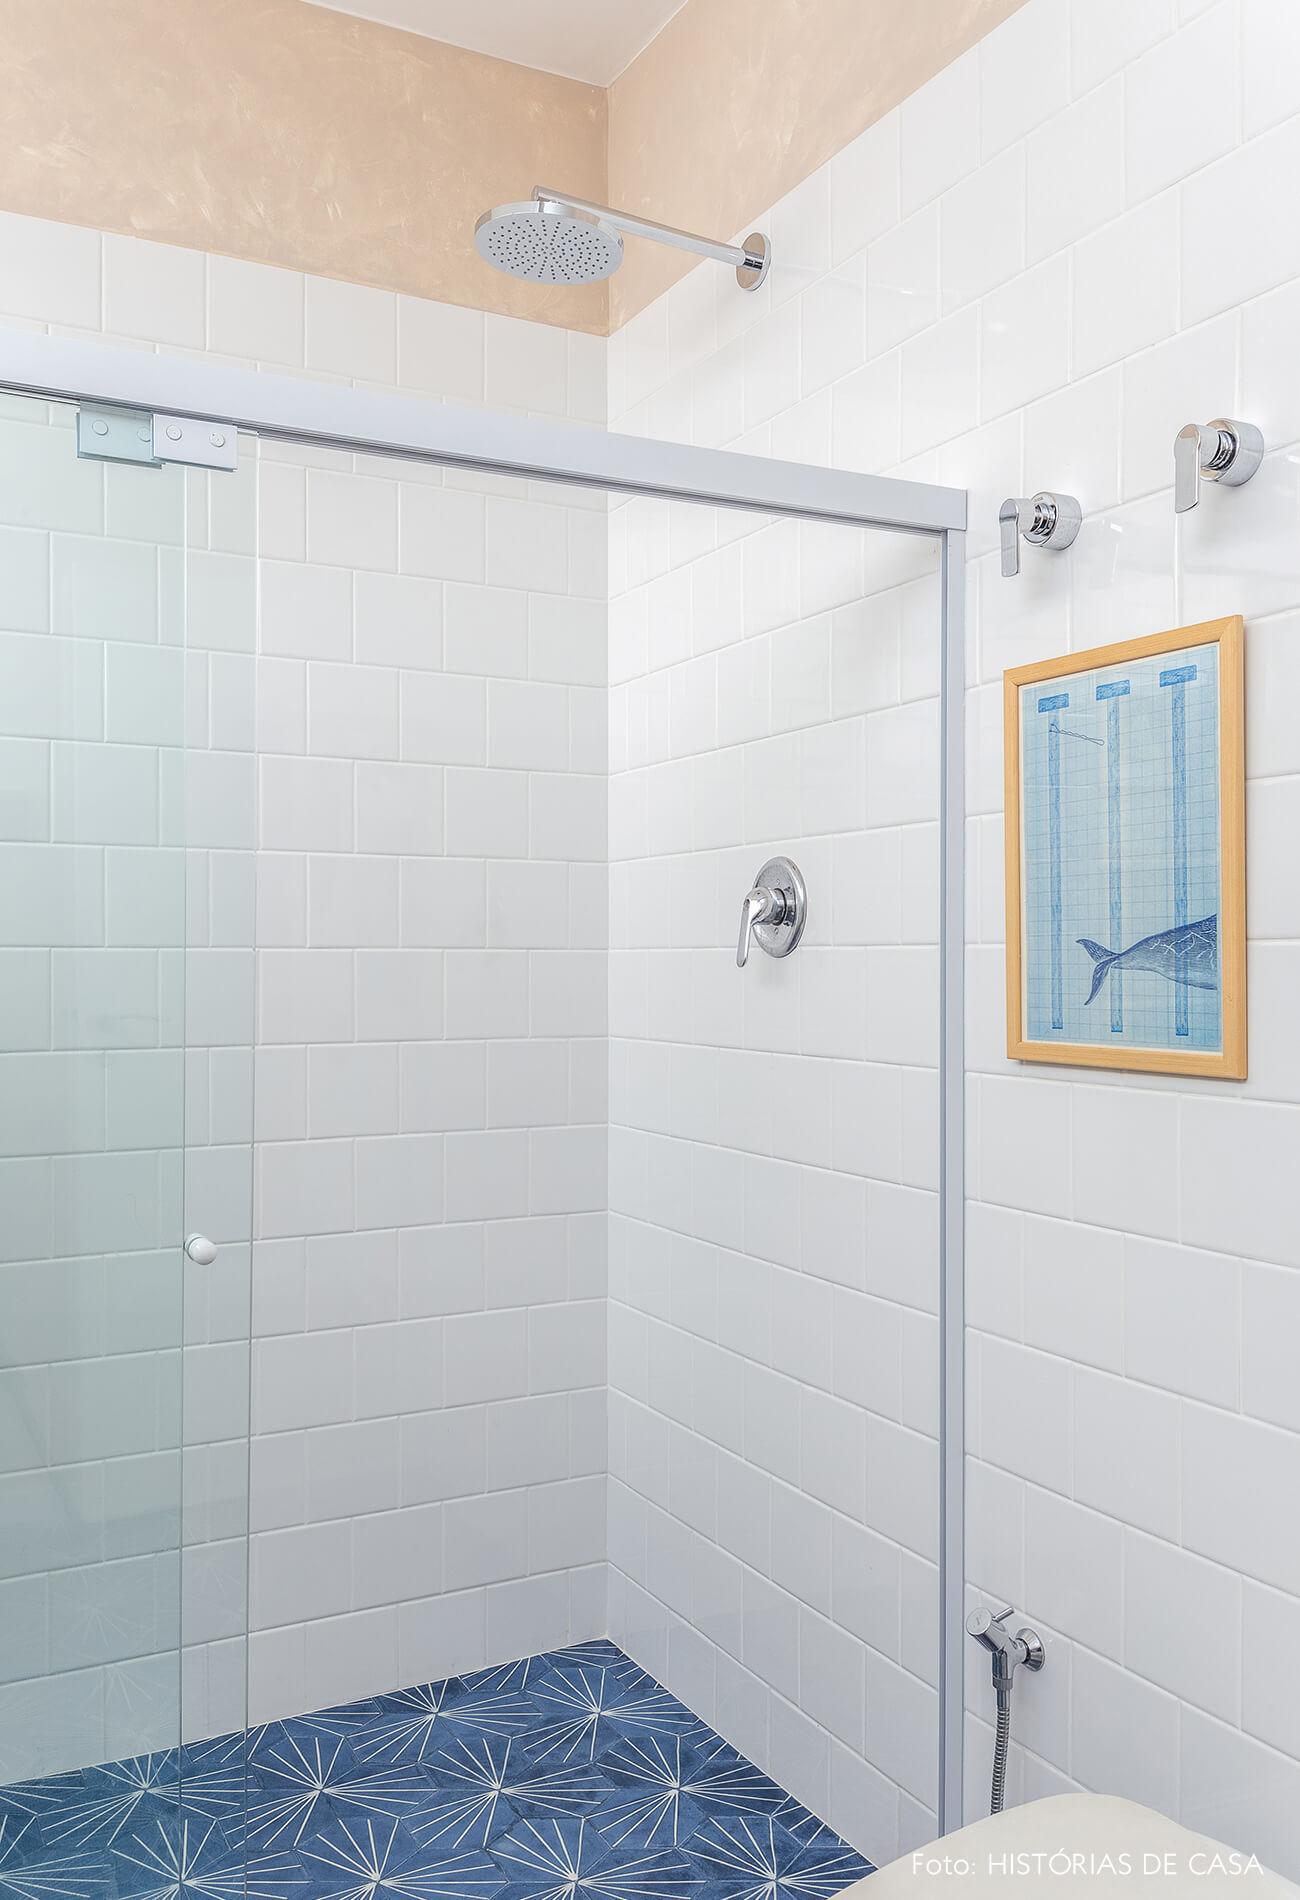 Banheiro reformado, Antes e Depois, piso de ladrilhos hidráulicos Ladrilar